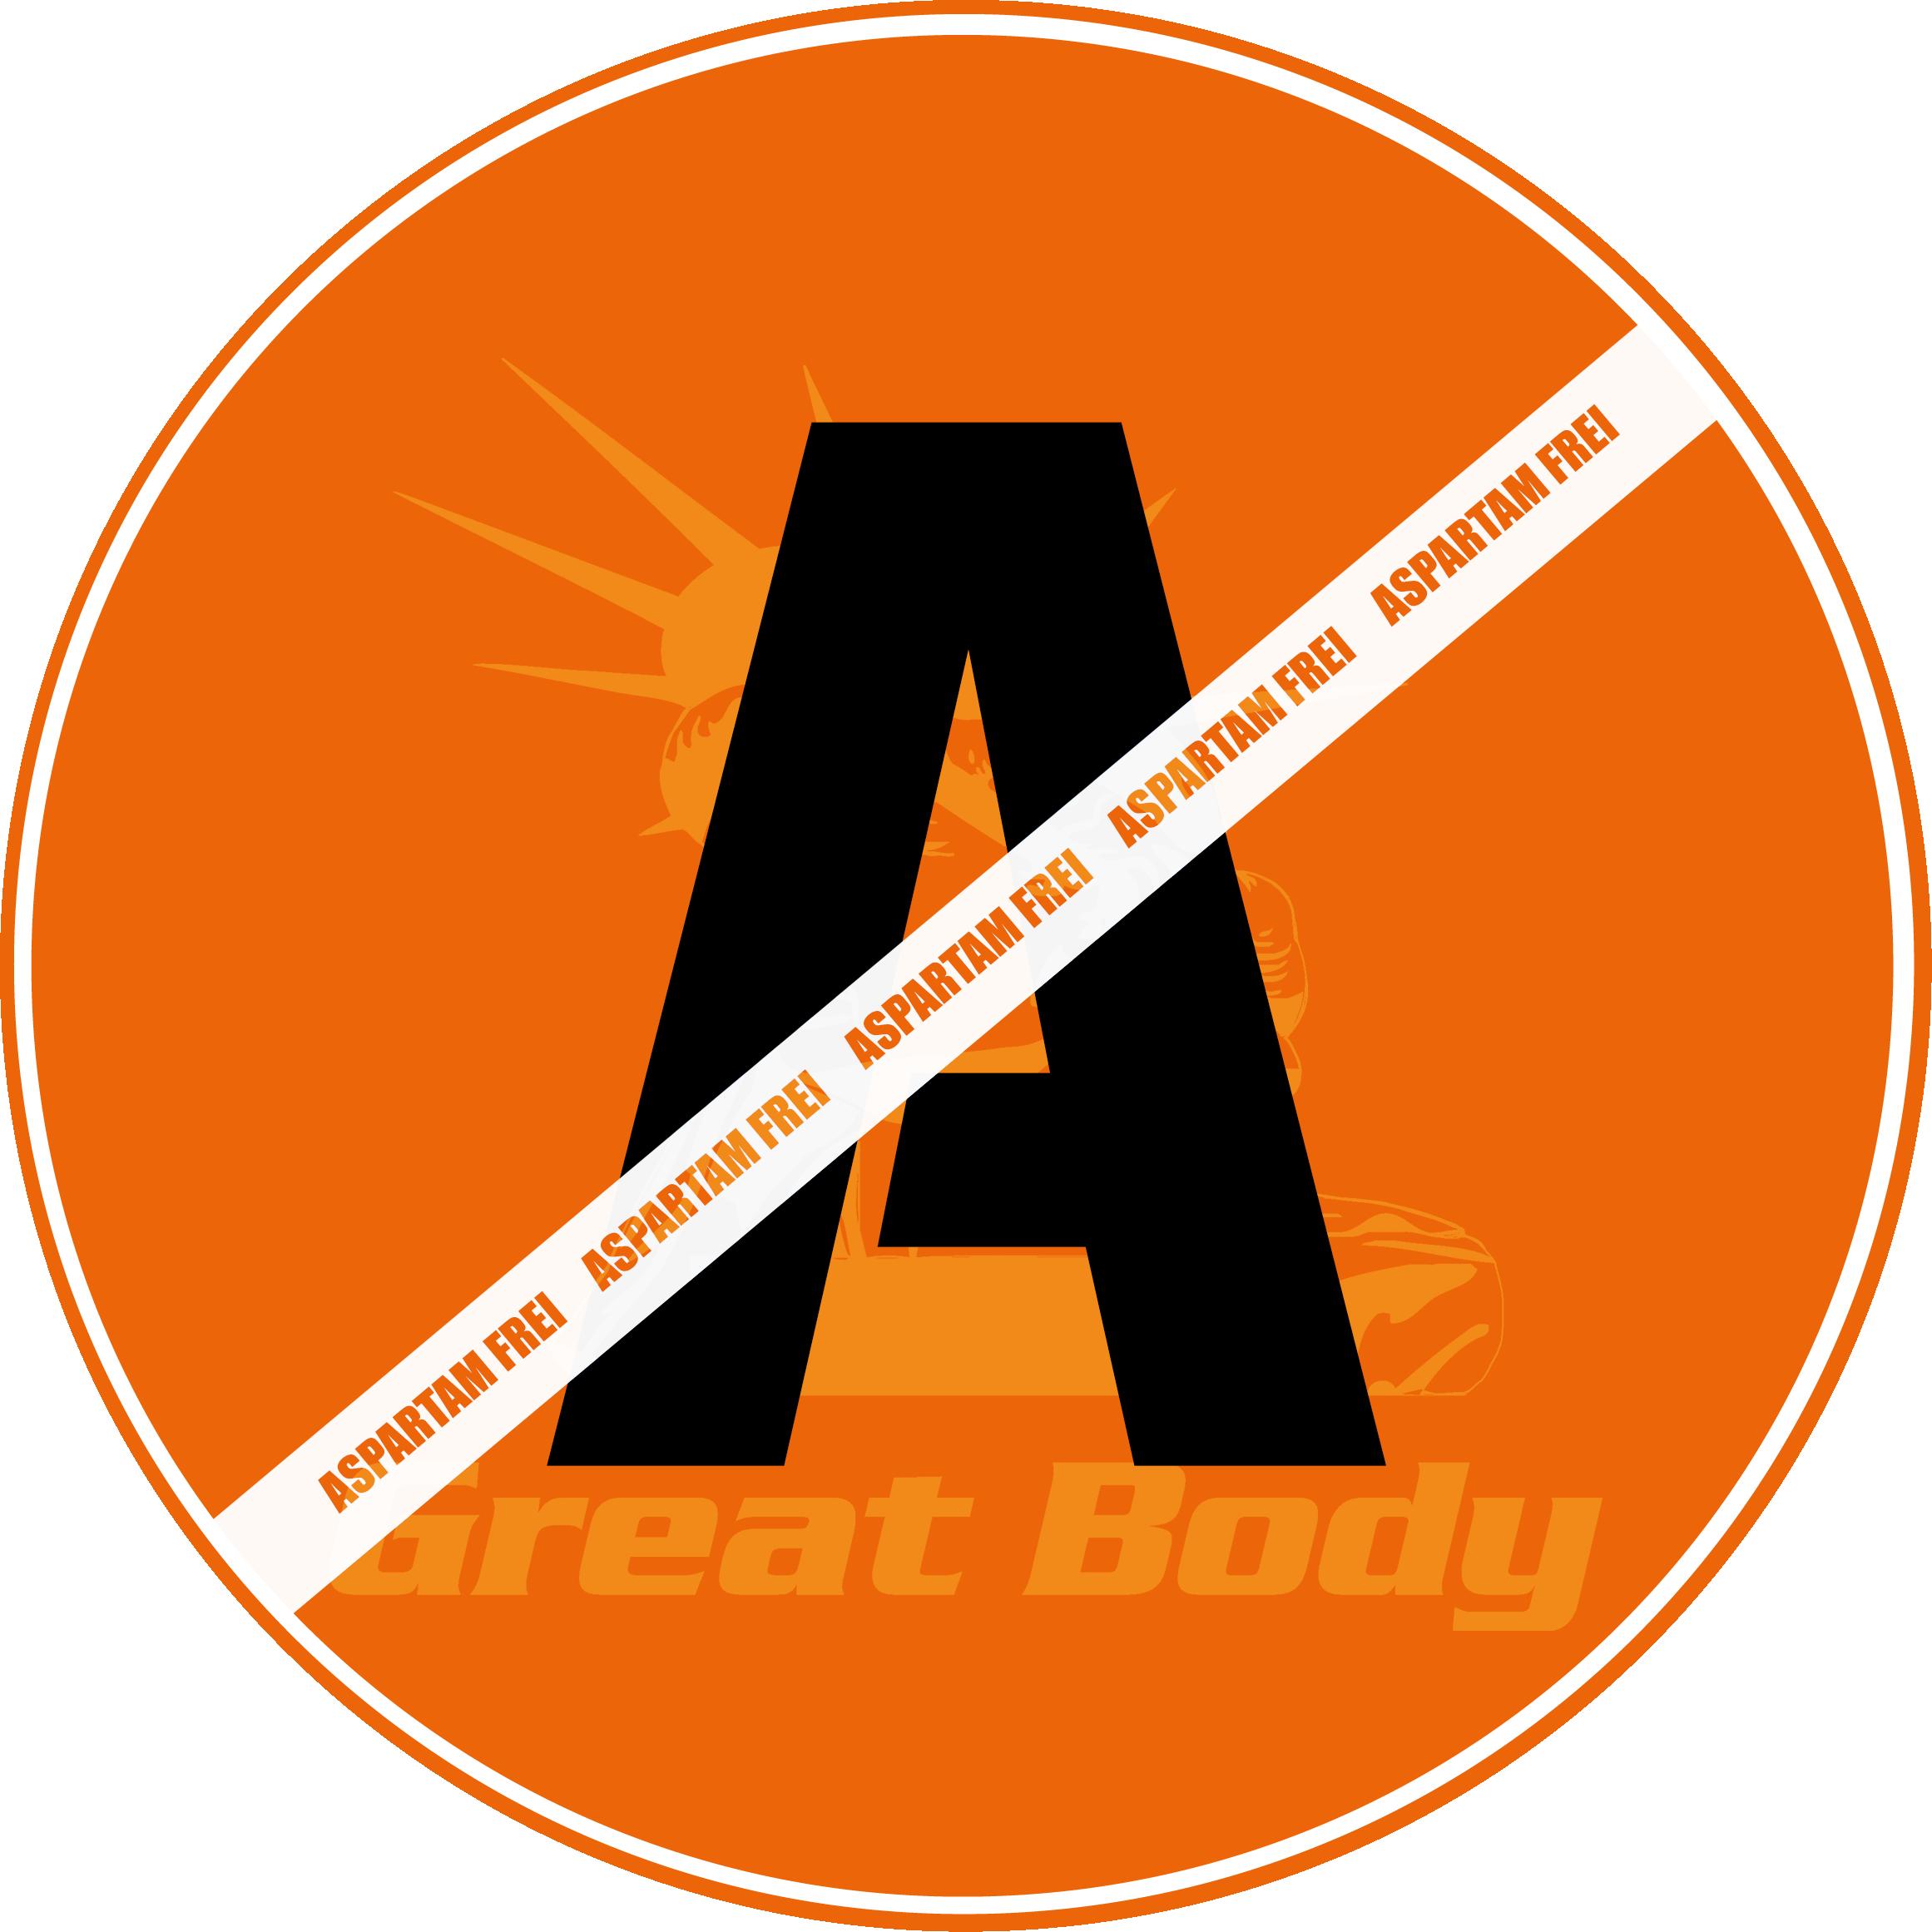 aspartamfrei